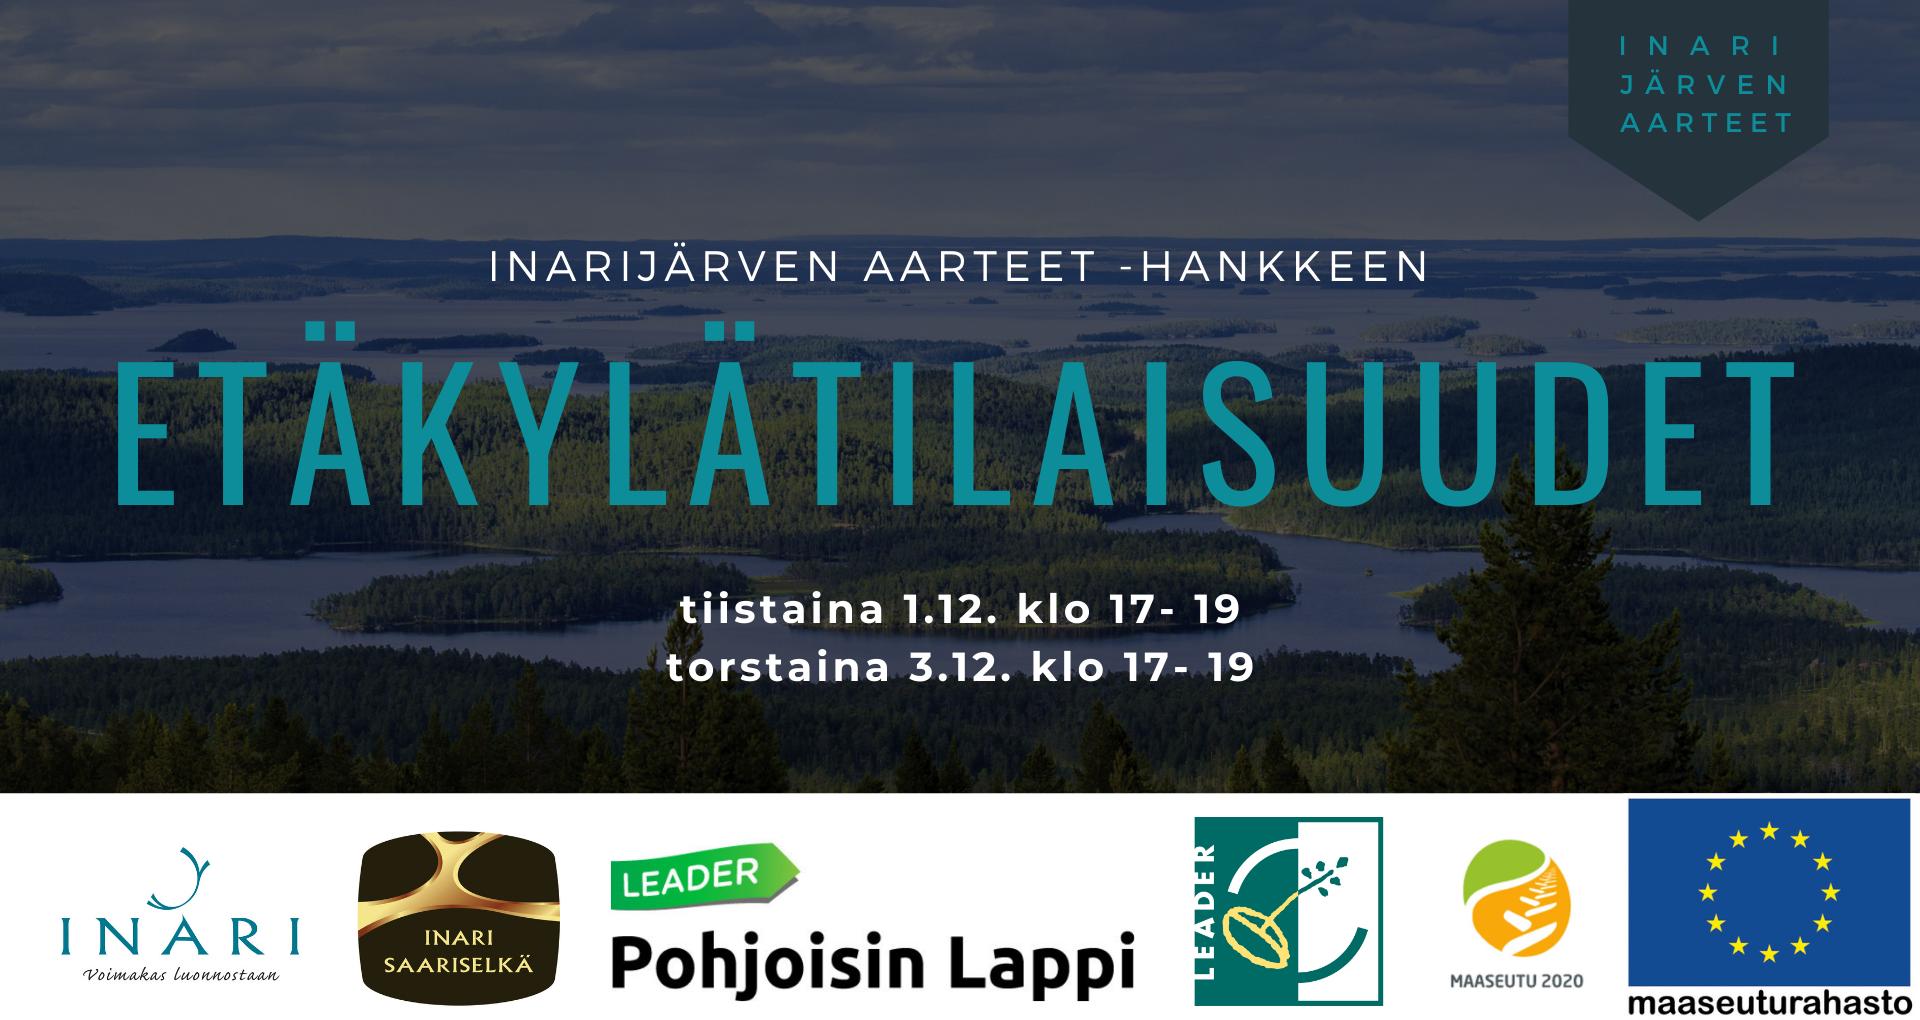 Inarijärven aarteet -hankkeen etäkylätilaisuudet. Tiistaina 1.12.2020 klo 17 ja torstaina 3.12.2020 klo 17.